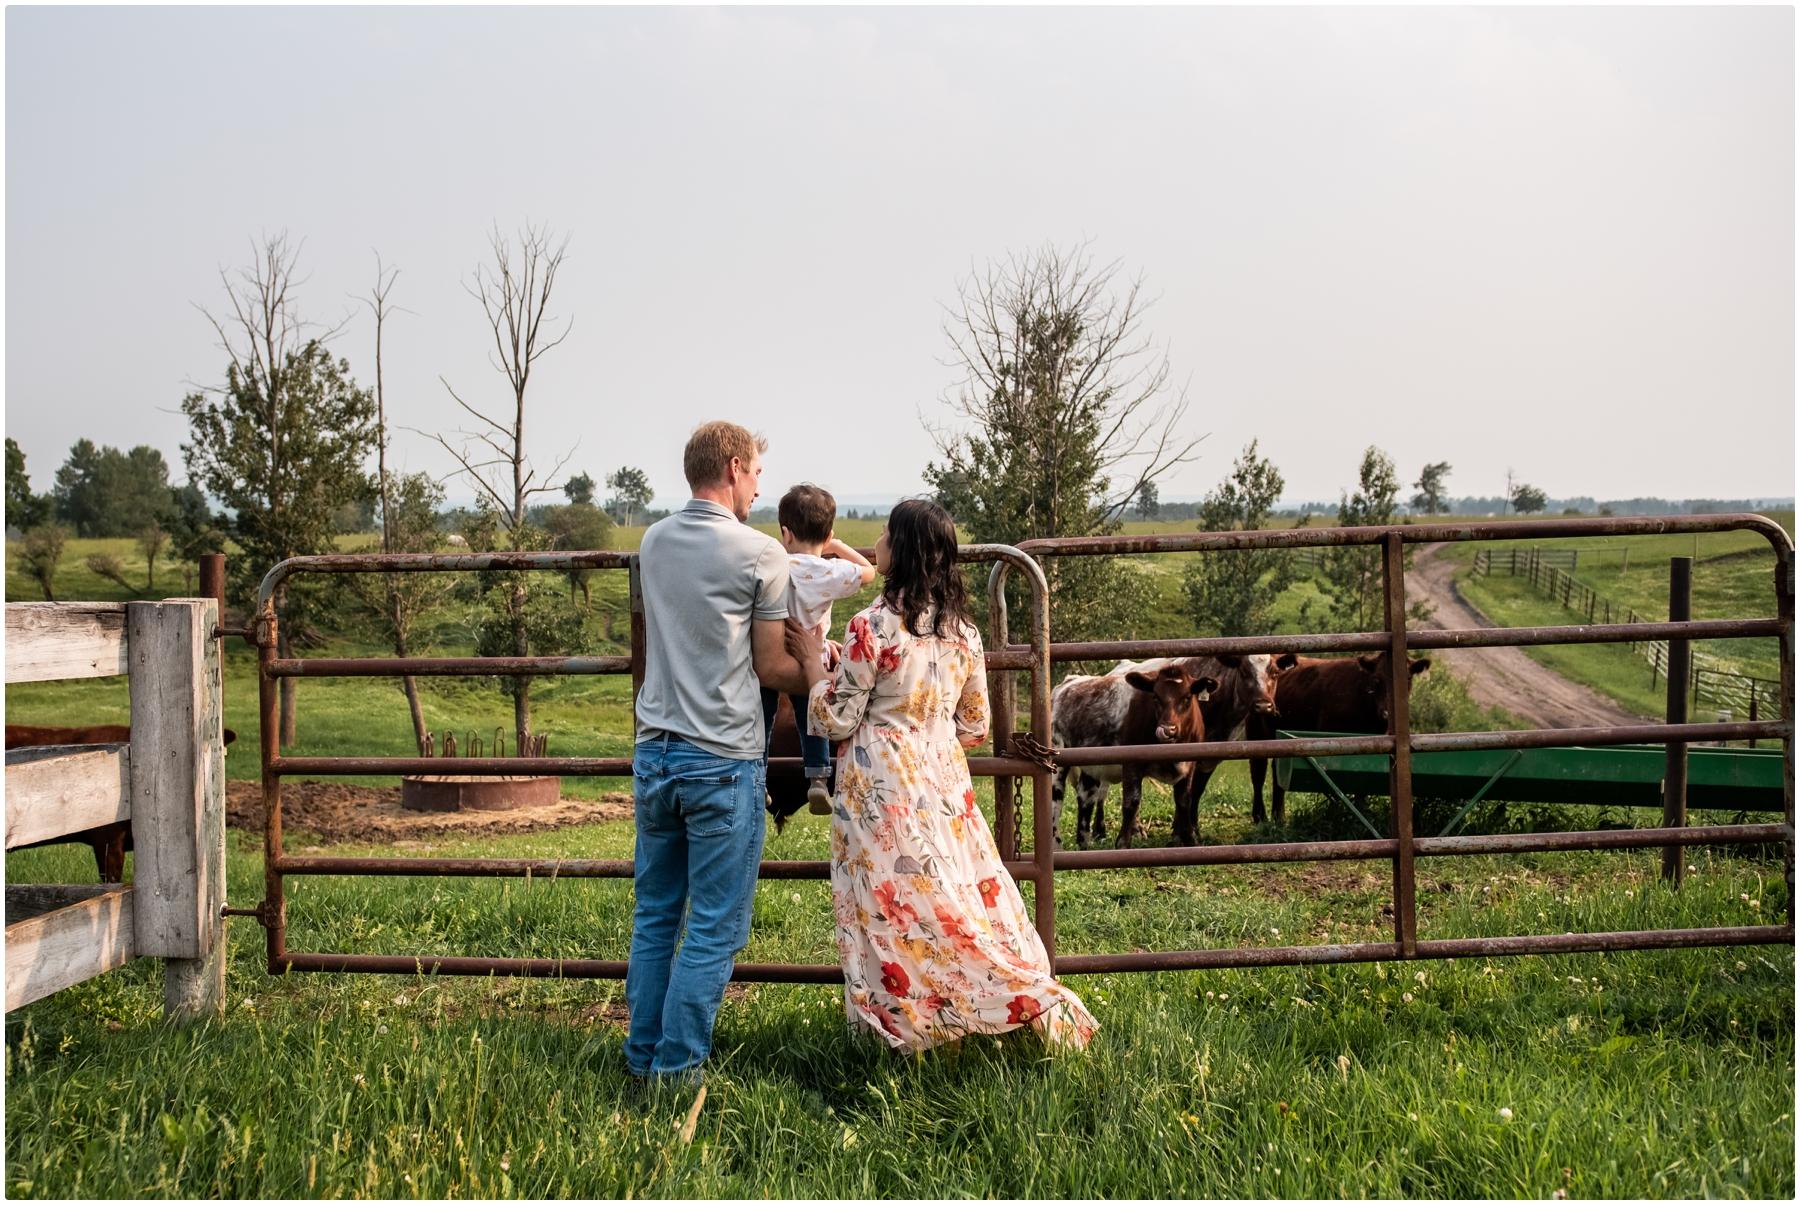 Calgary Family Farm Photography